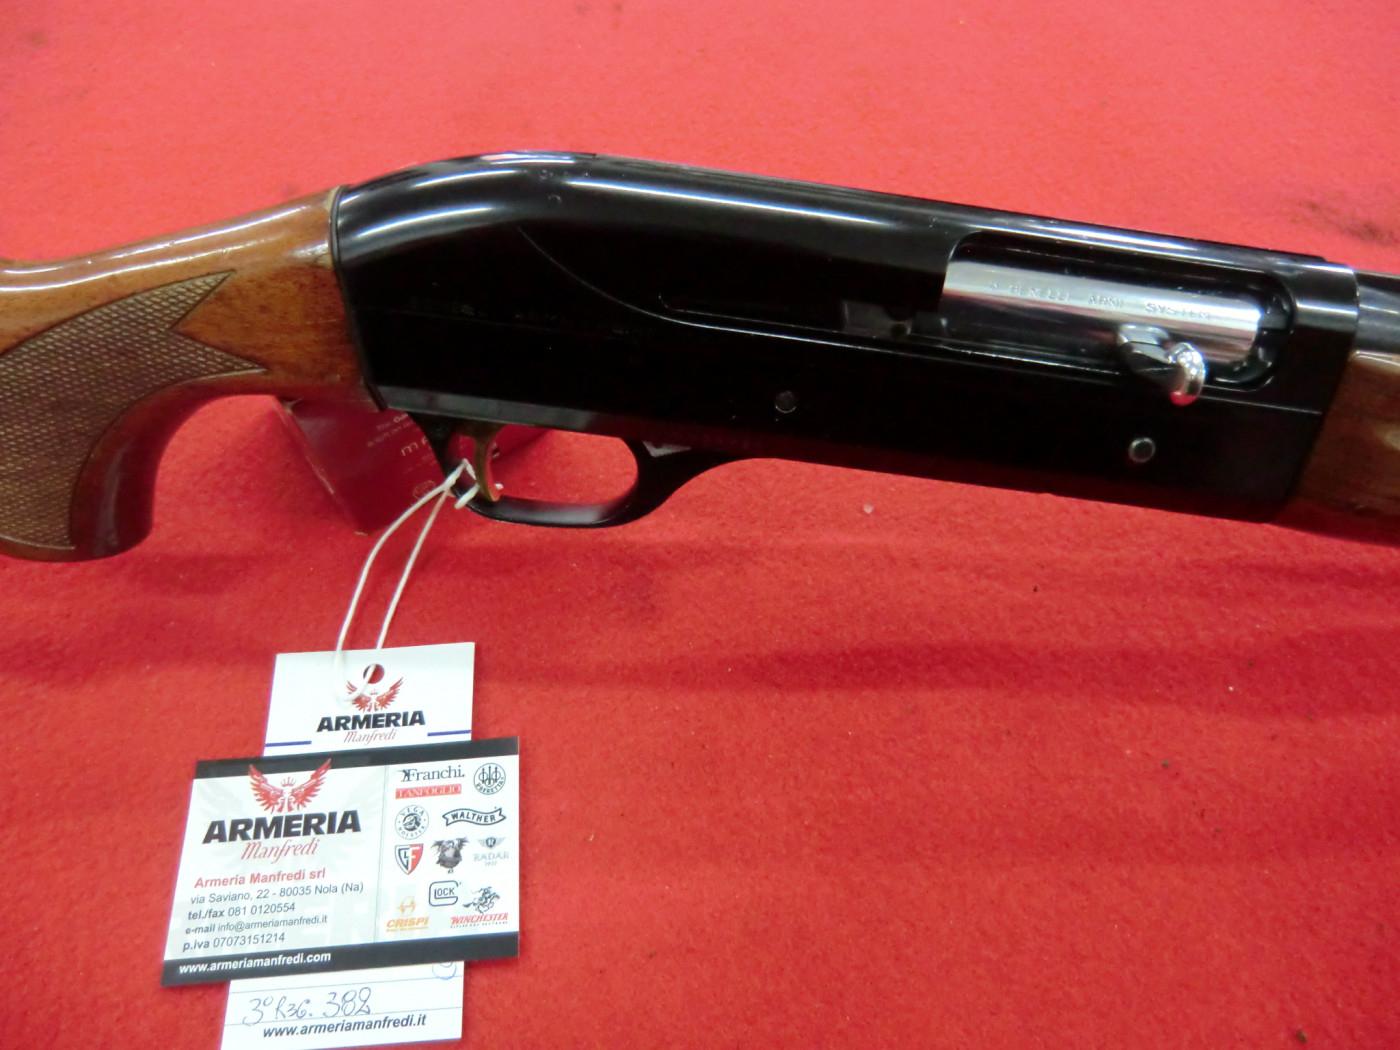 Fucile semiautomatico marca Benelli modello montefeltro calibro 20 canna 65 cm completa di strozzatori buono stato